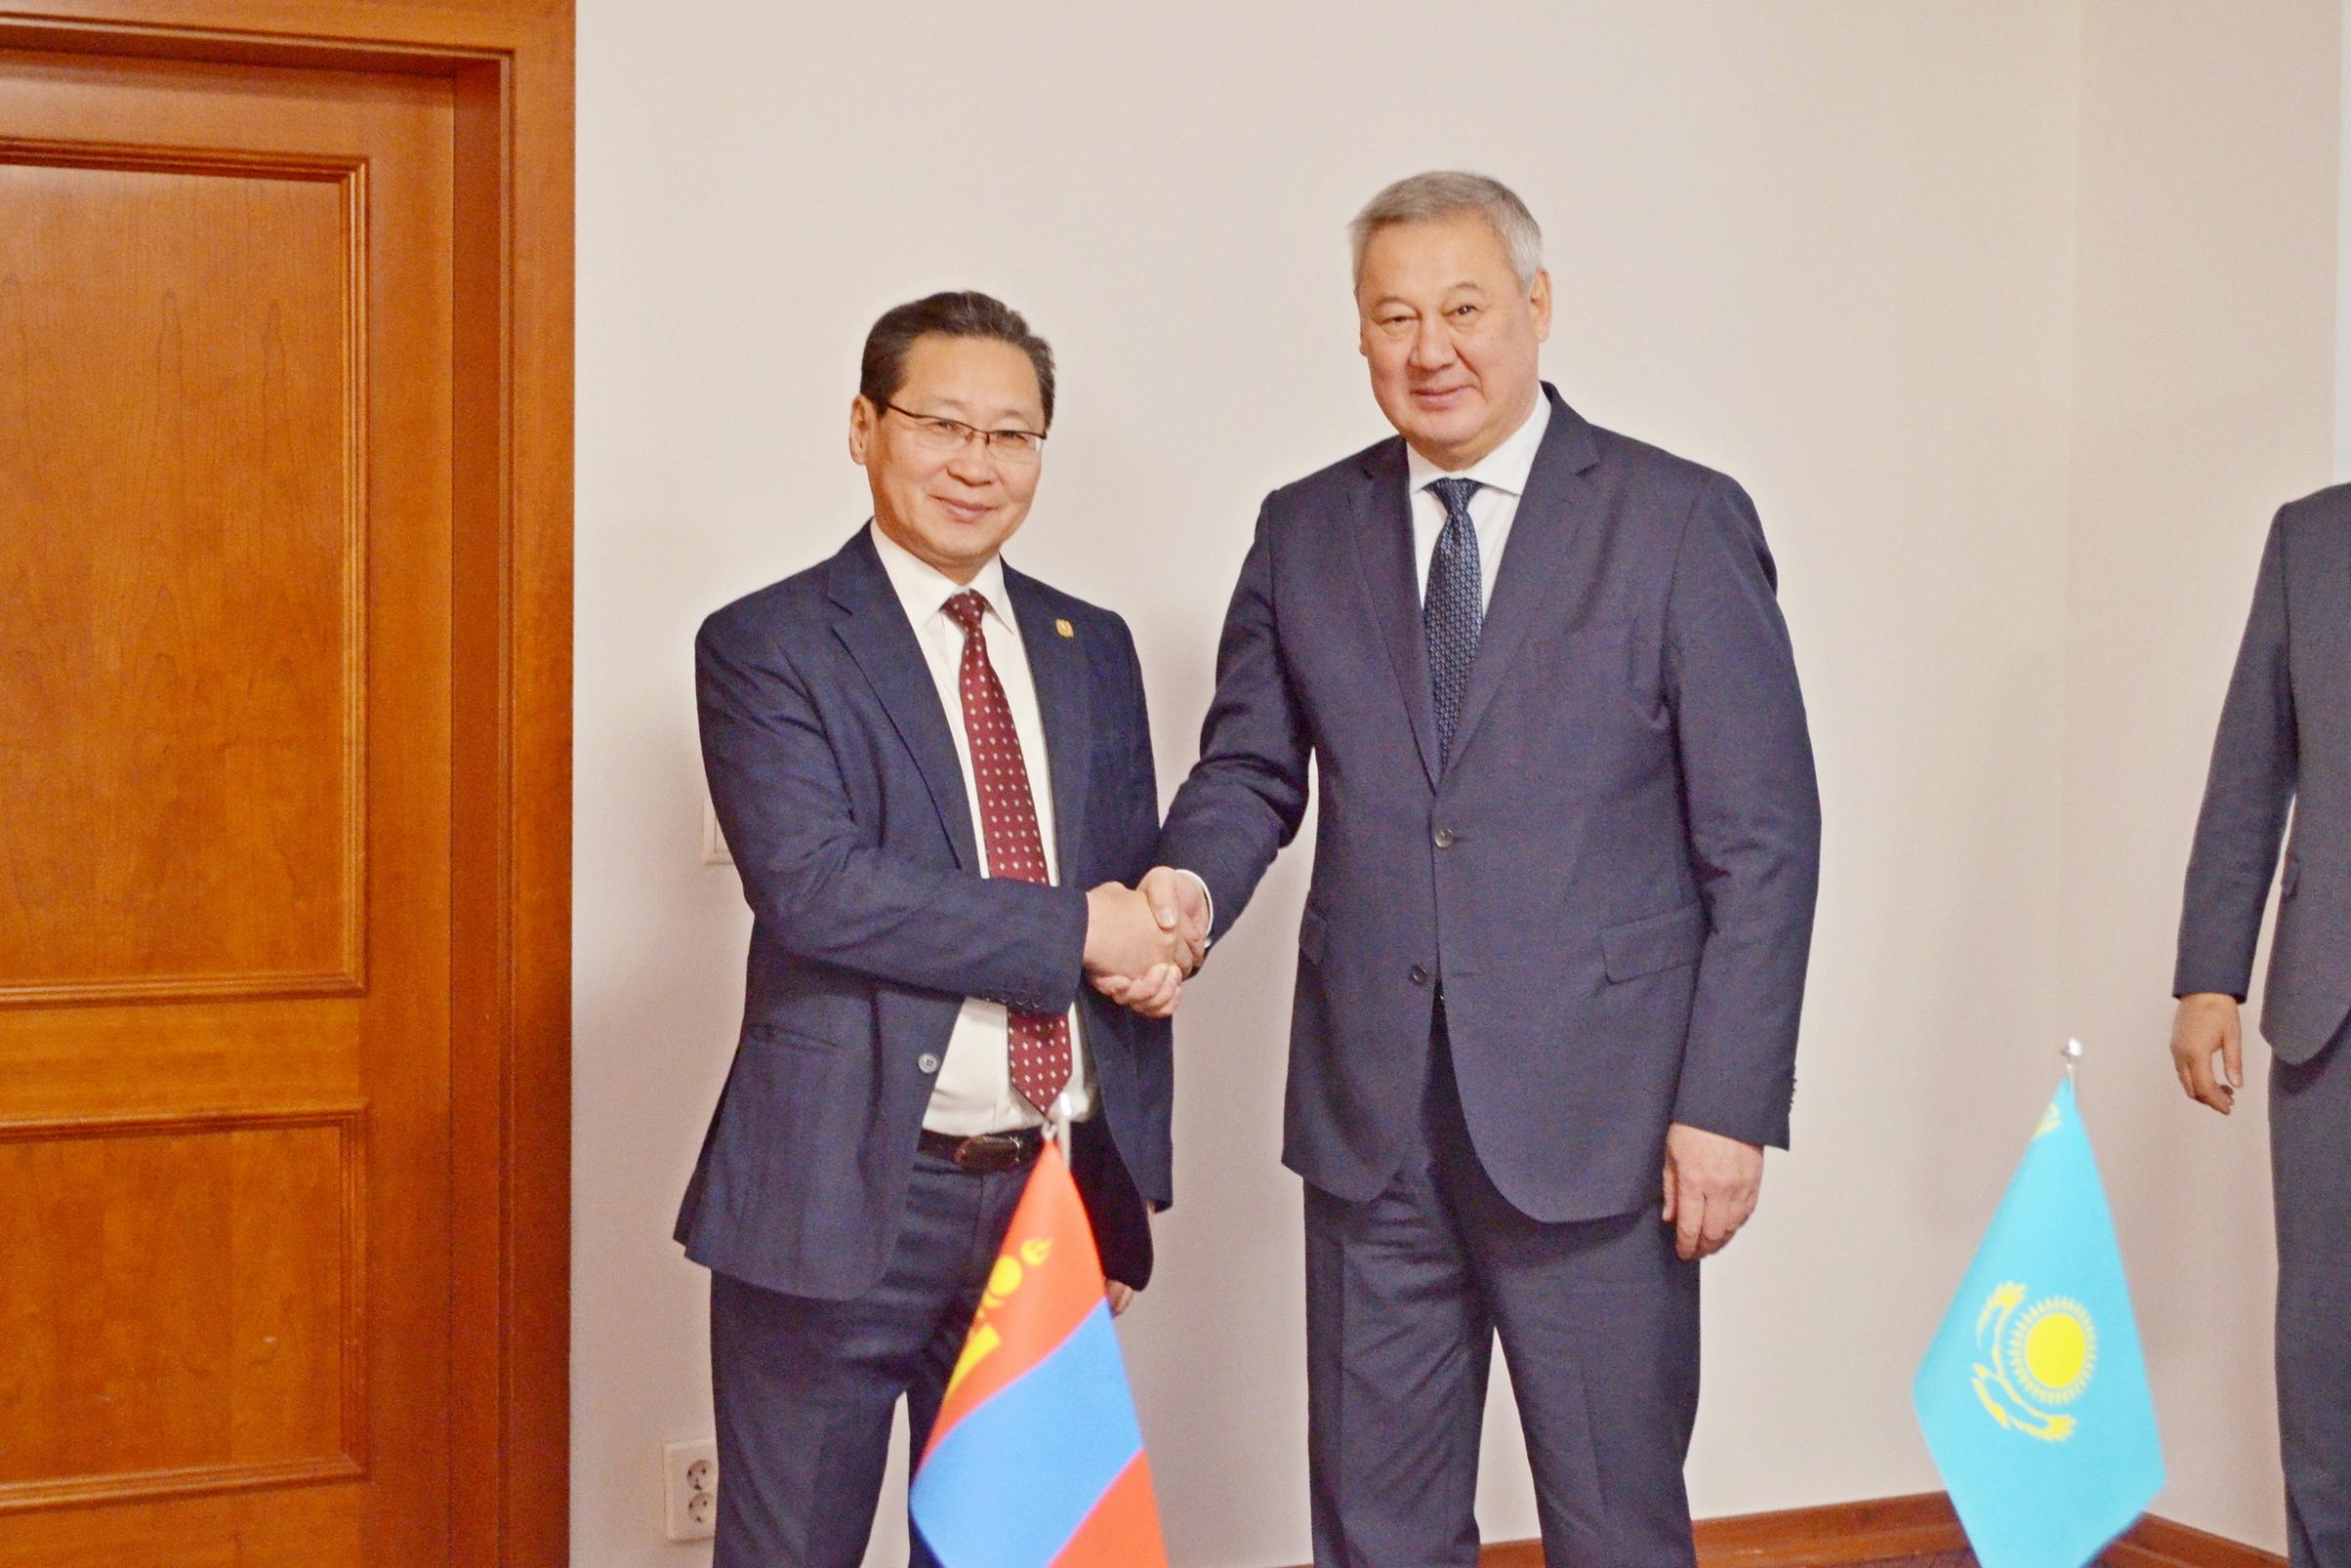 Улаанбаатар хотын Ерөнхий менежер Бүгд Найрамдах Казахстан улсын нийслэл Нур-Султан хотод ажиллаж байна